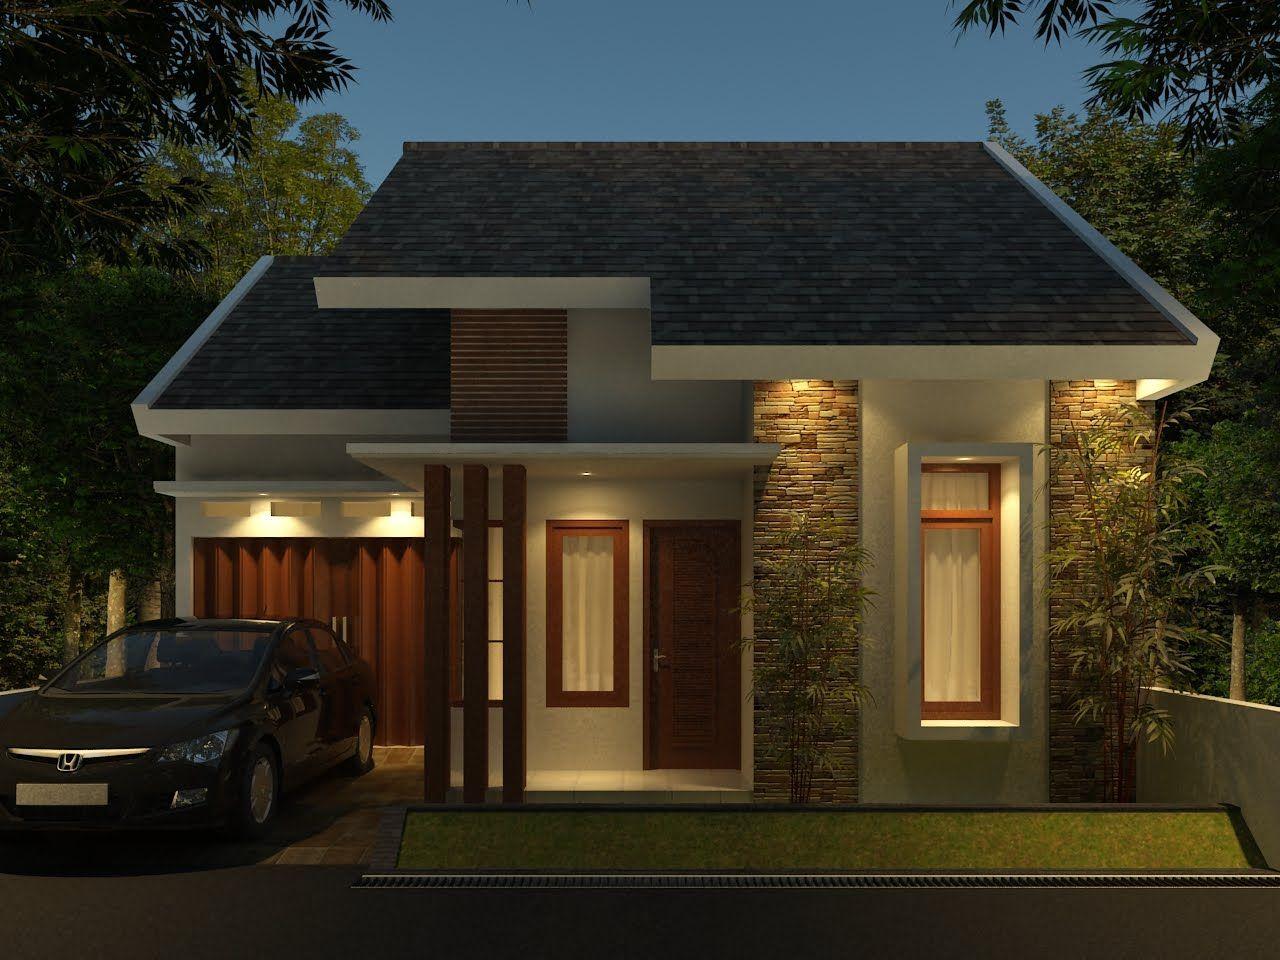 Desain Rumah Type 45 54 Sederhana Minimalis 1 Lantai Home